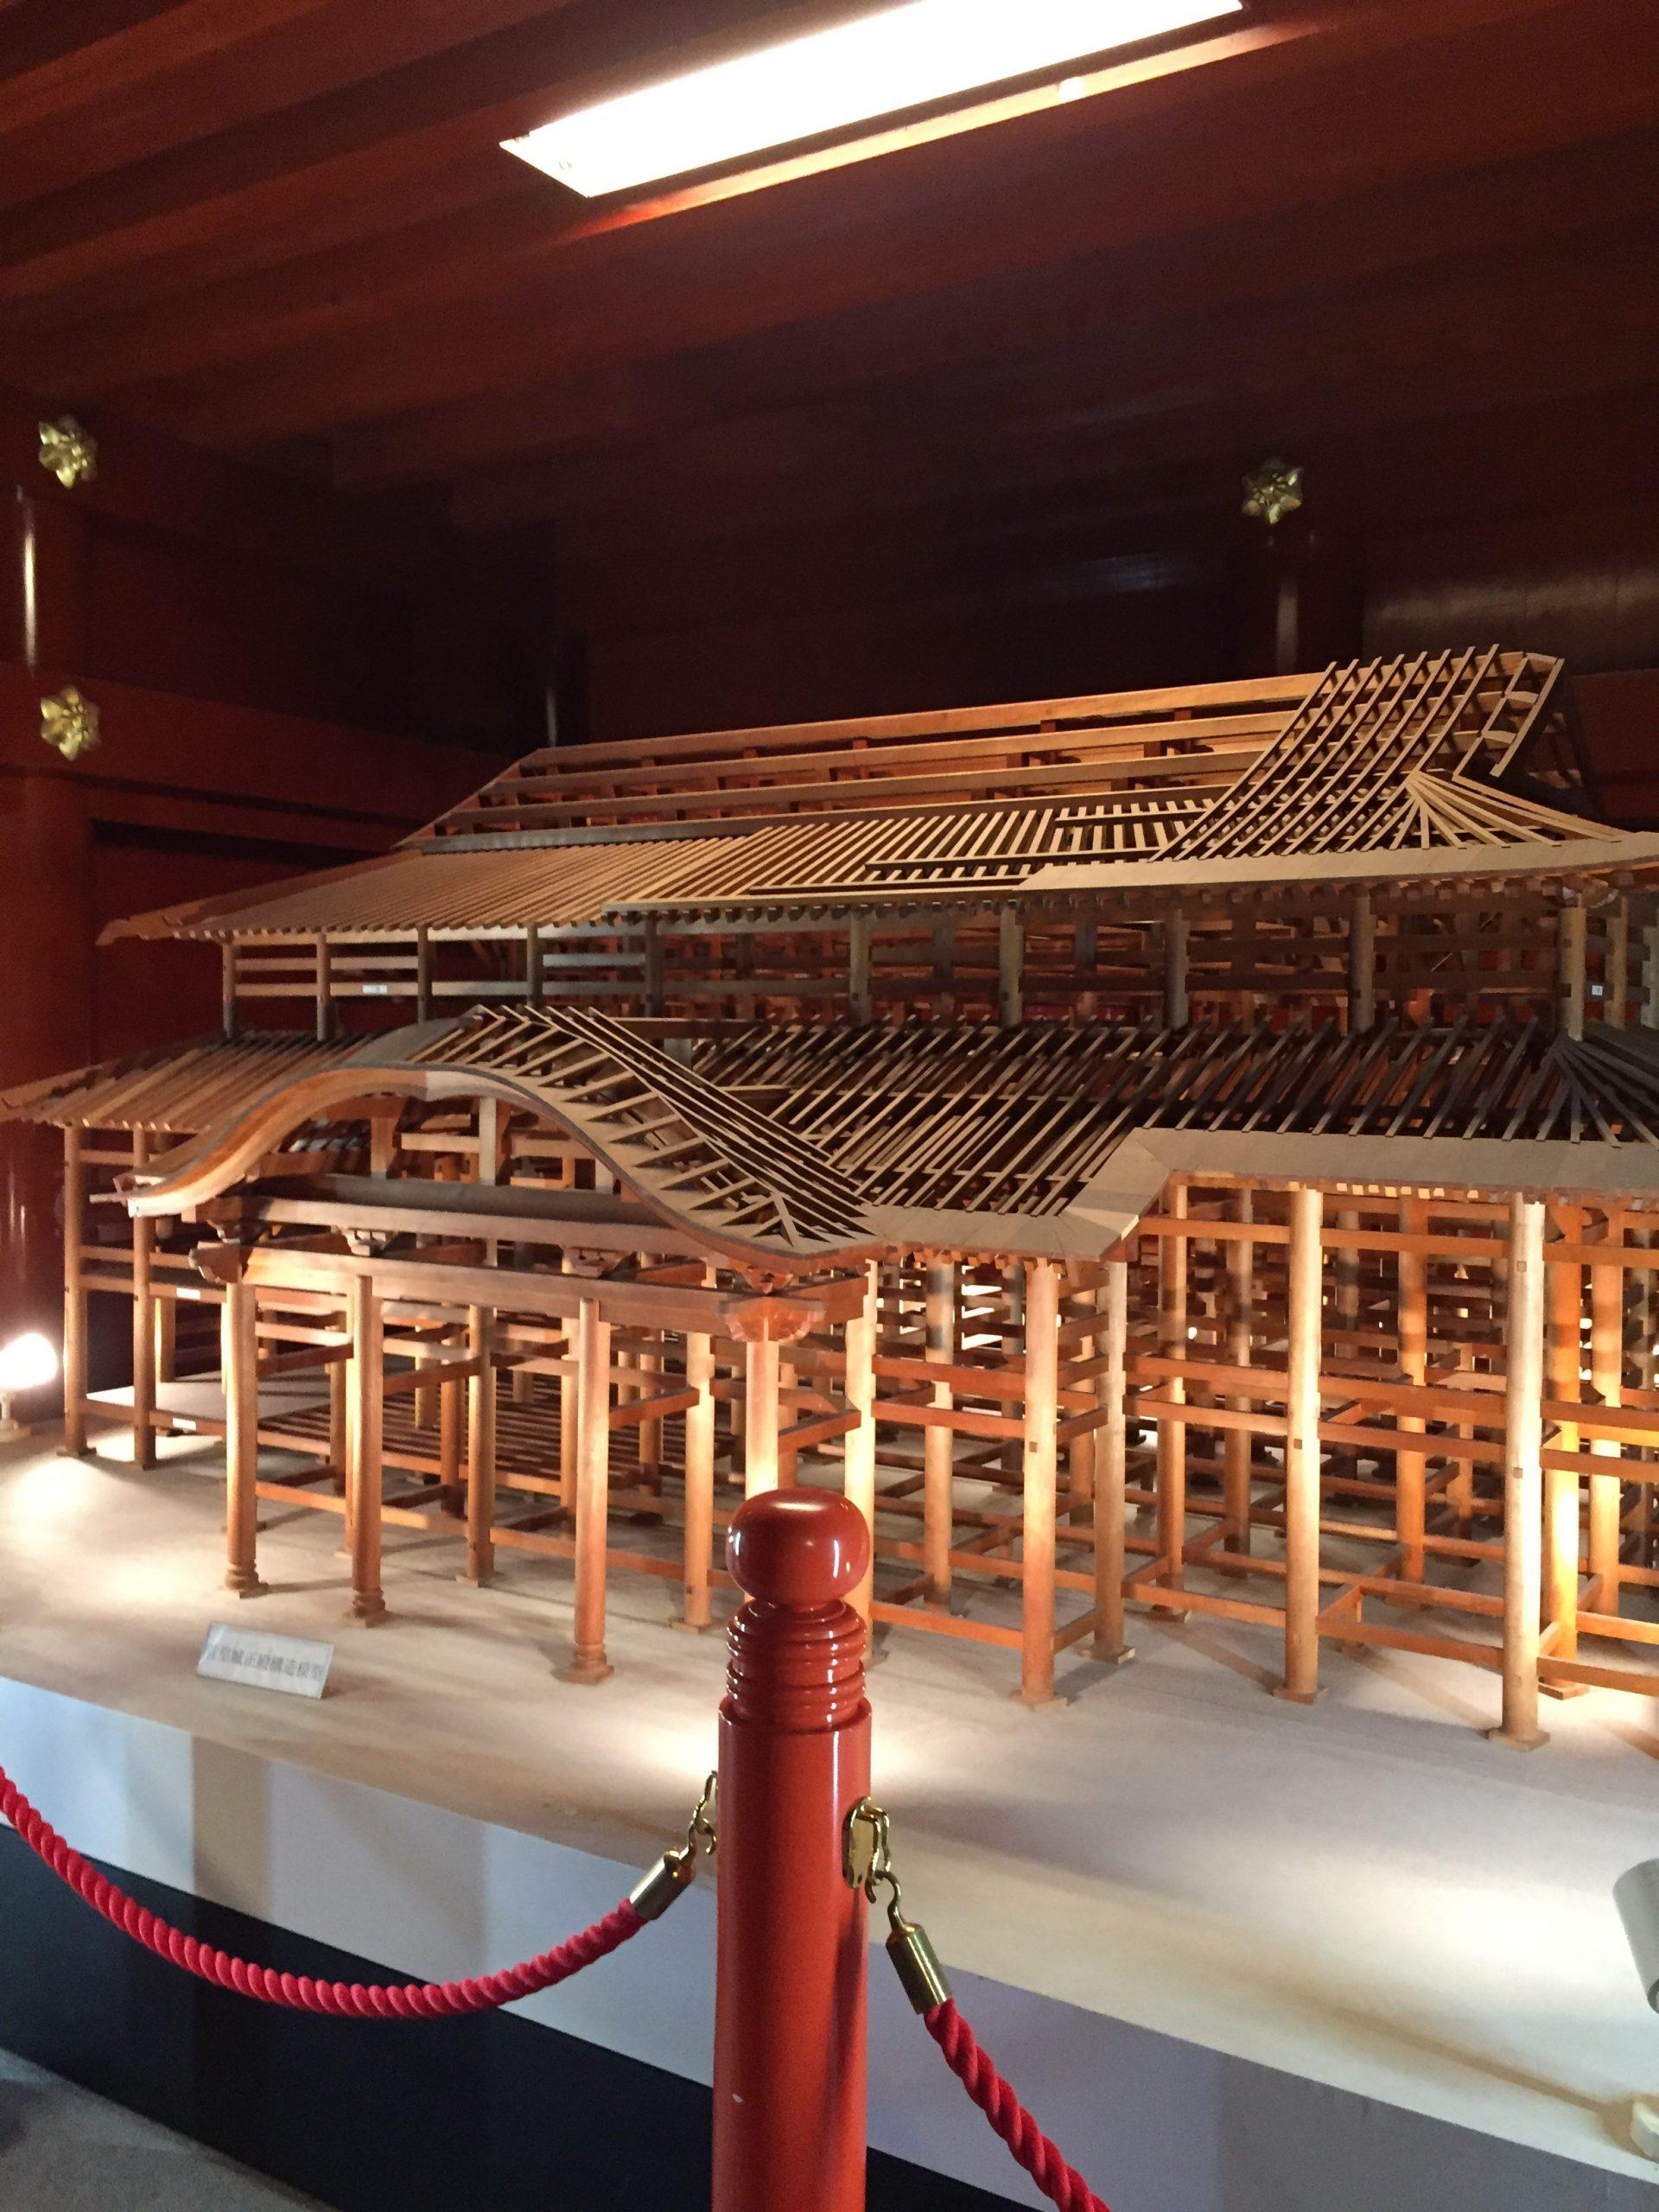 正殿内に展示されていた柱の模型